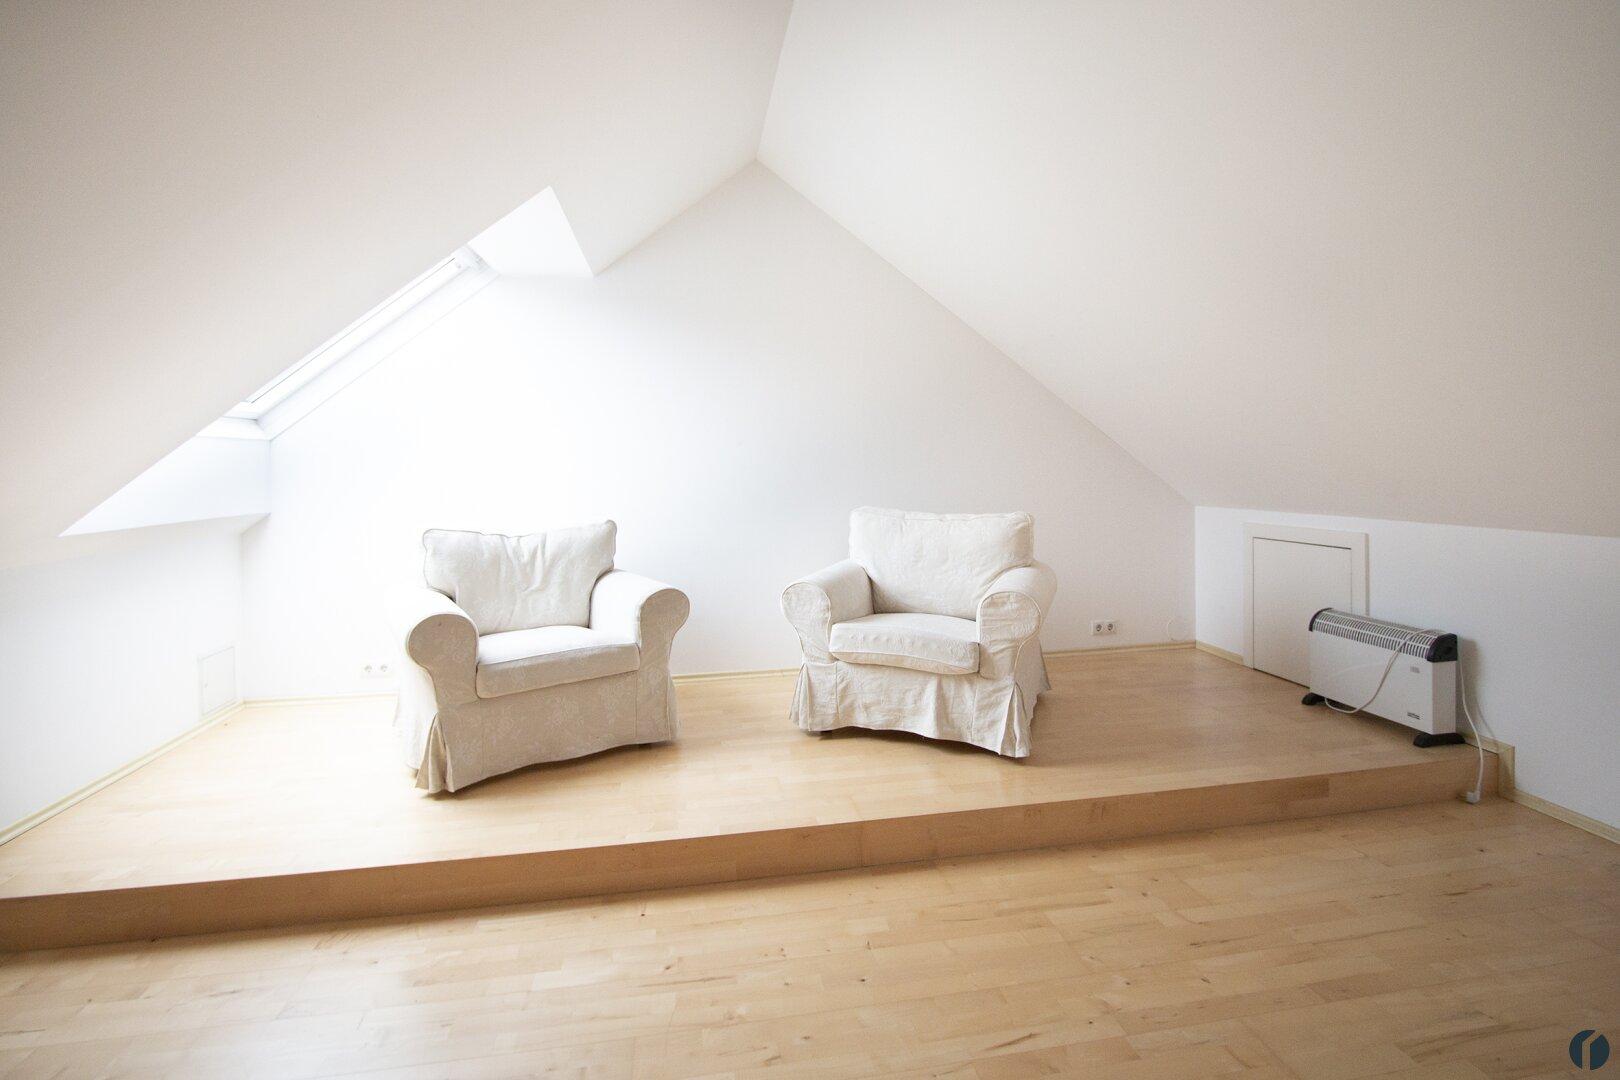 großer Raum im Dachgeschoss